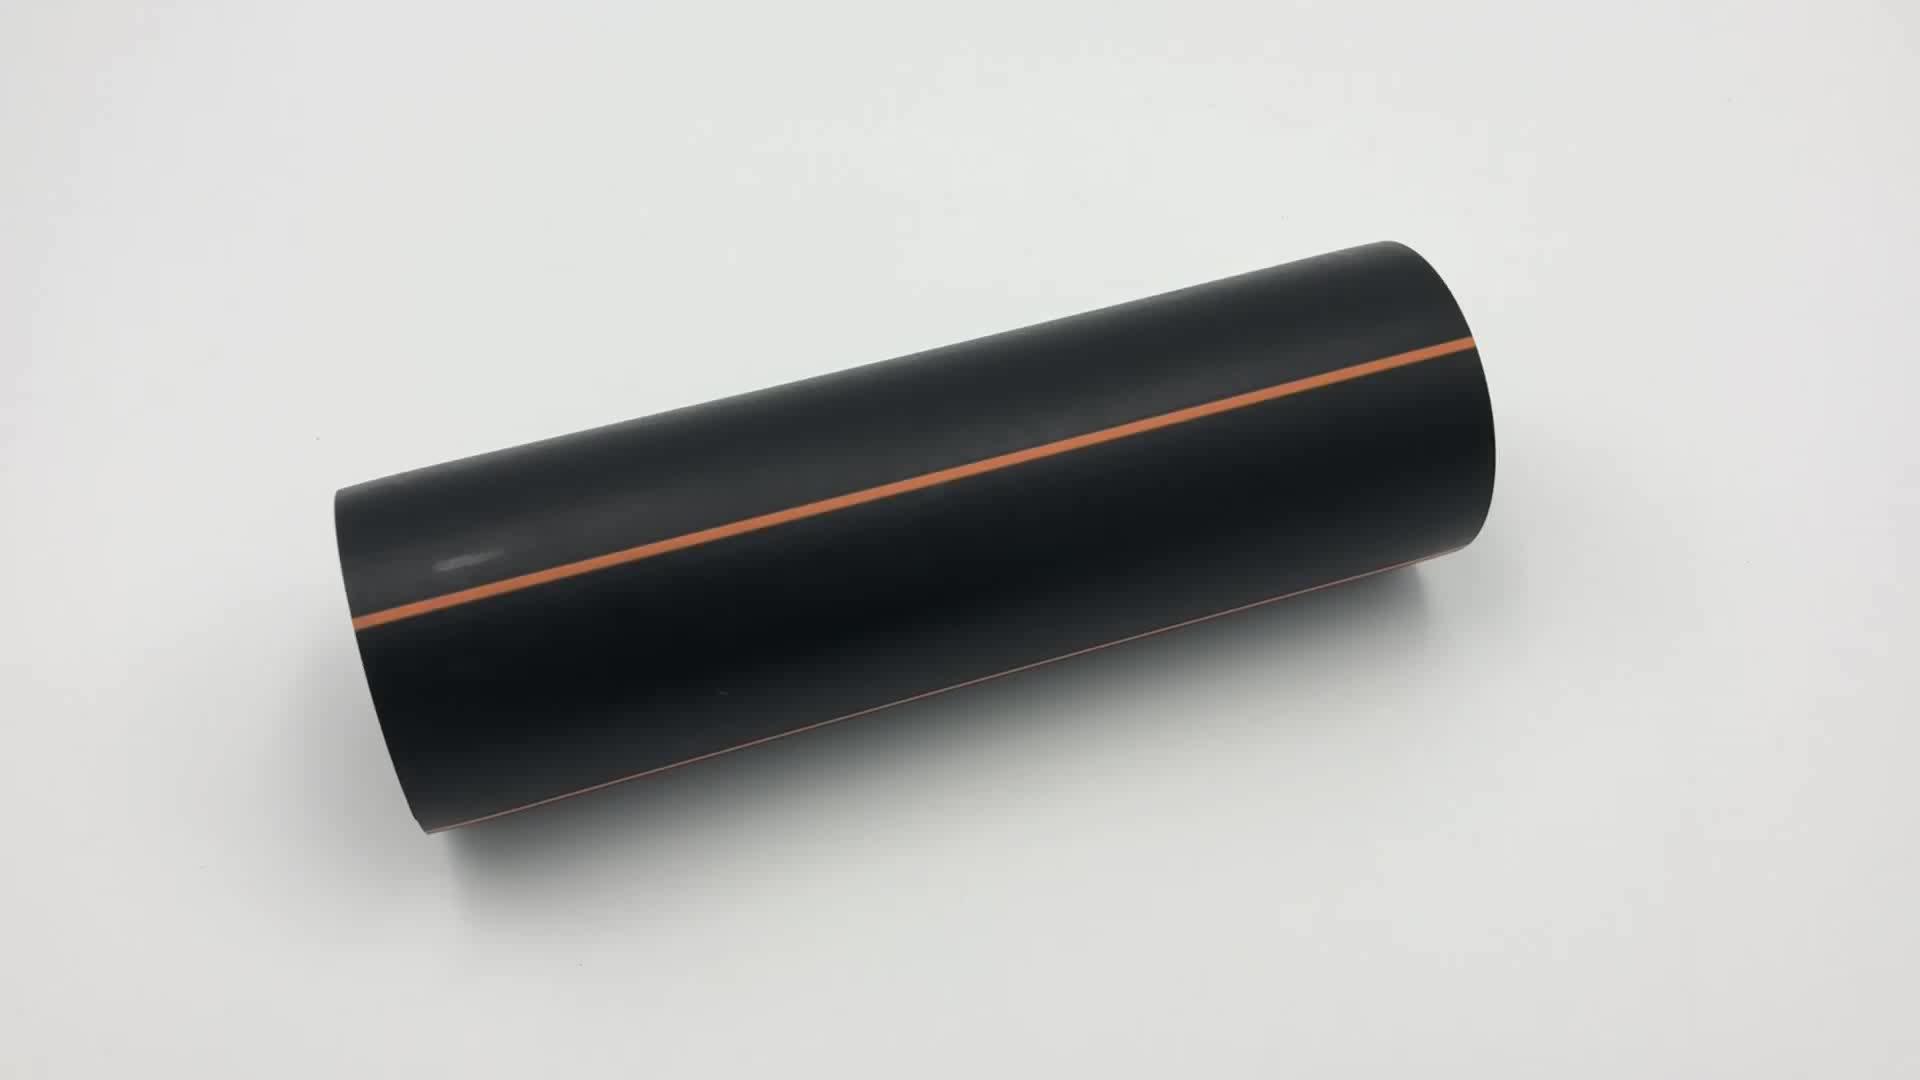 Tubo PEAD Sdr11 dn90mm preço da tubulação de gás natural da tubulação de polietileno